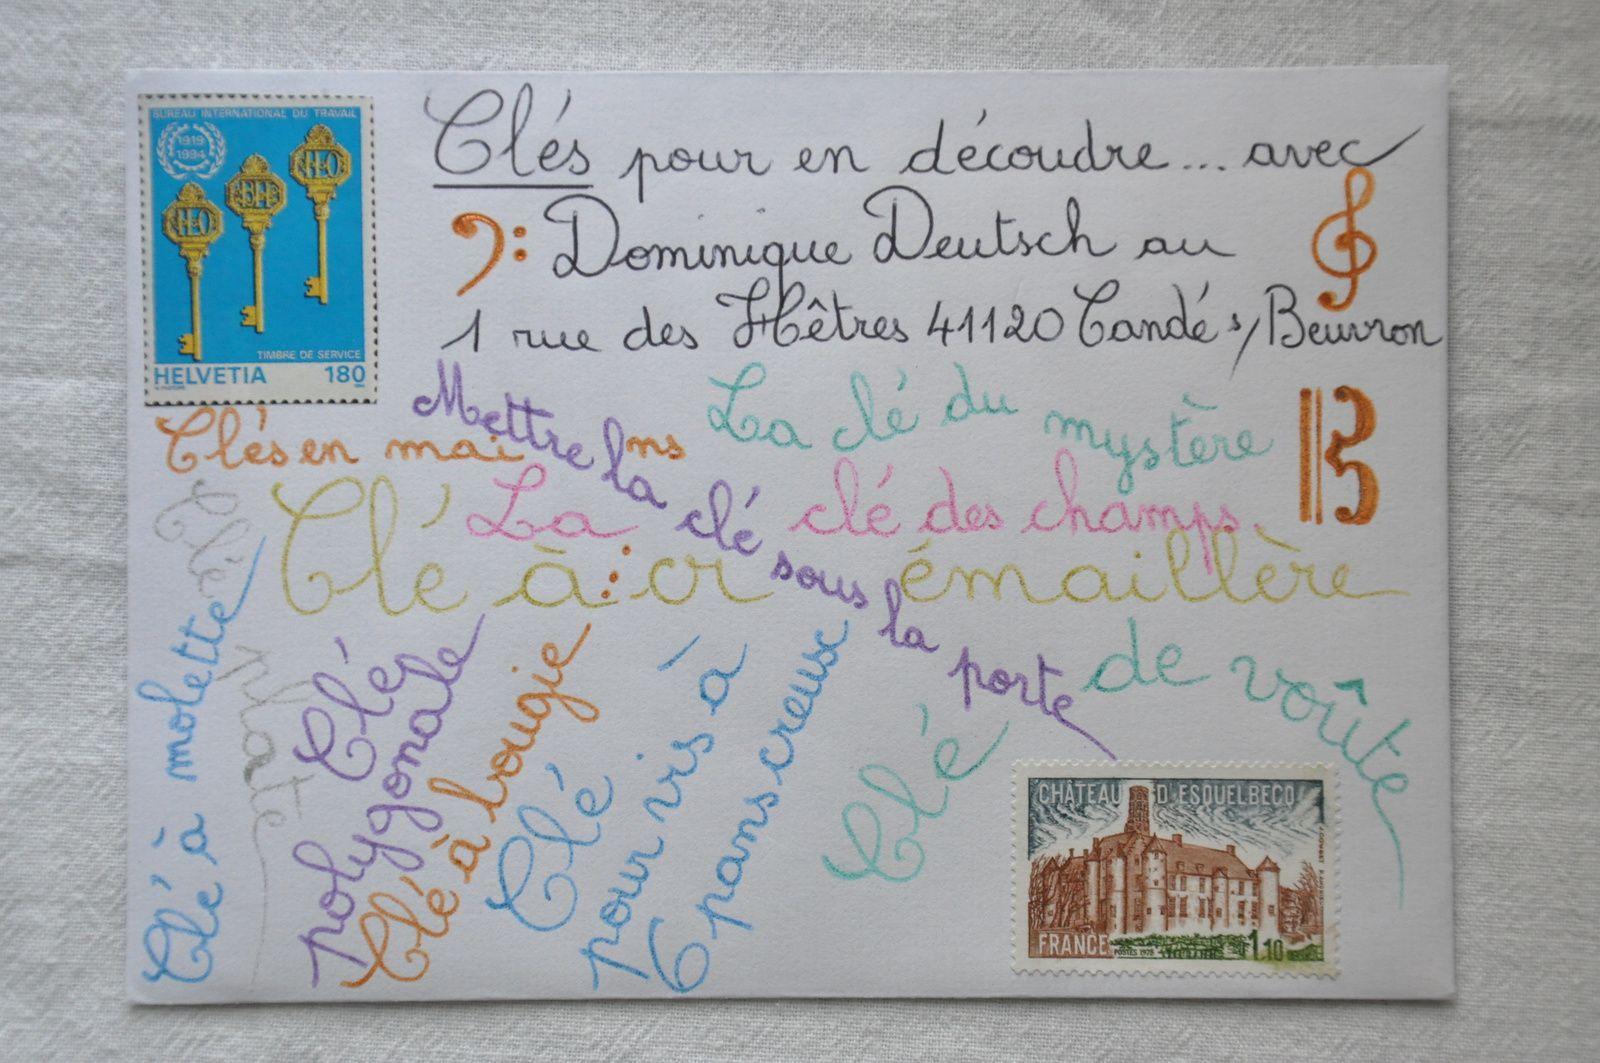 Envoyé à Dominique Deutsch sur le thème des clés...